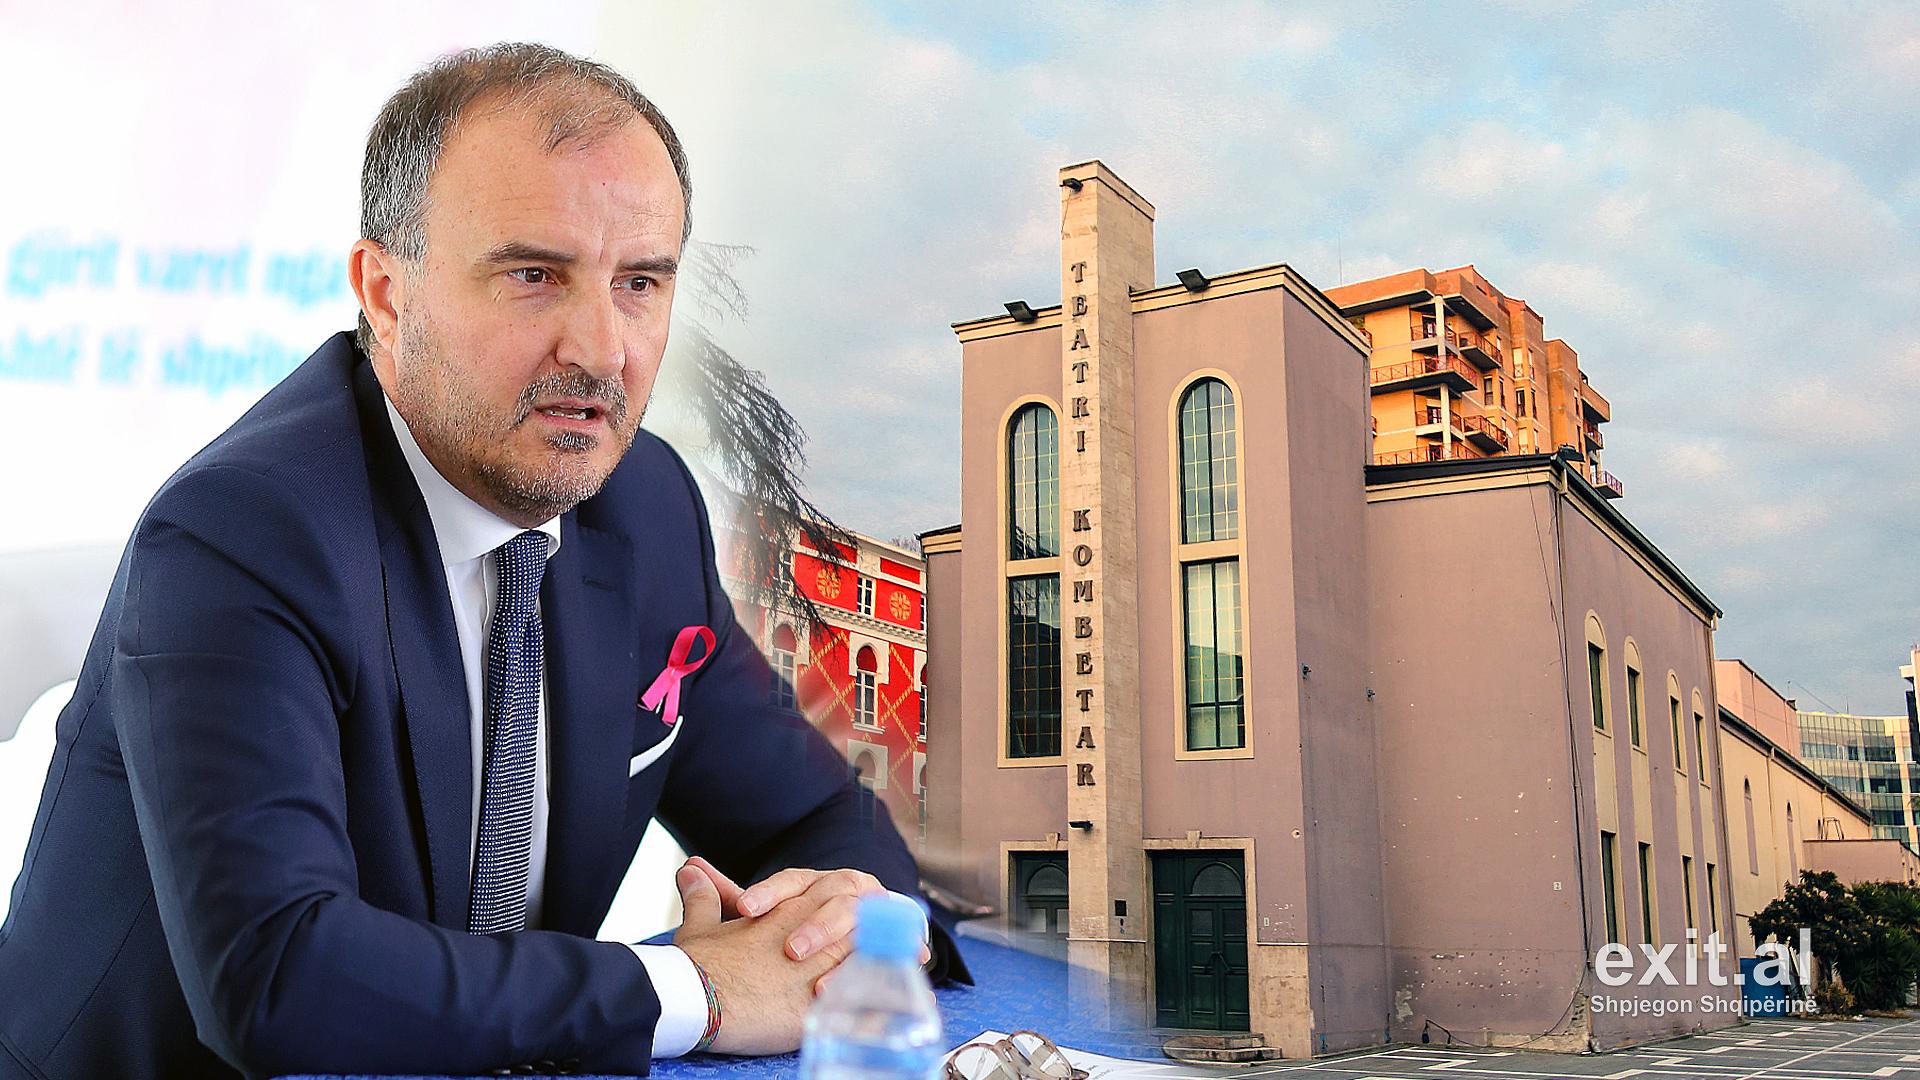 AMT kundër deklaratës së Ambasadorit Soreca: urojmë të mos jetë gjë tjetër veç gjykim i dobët